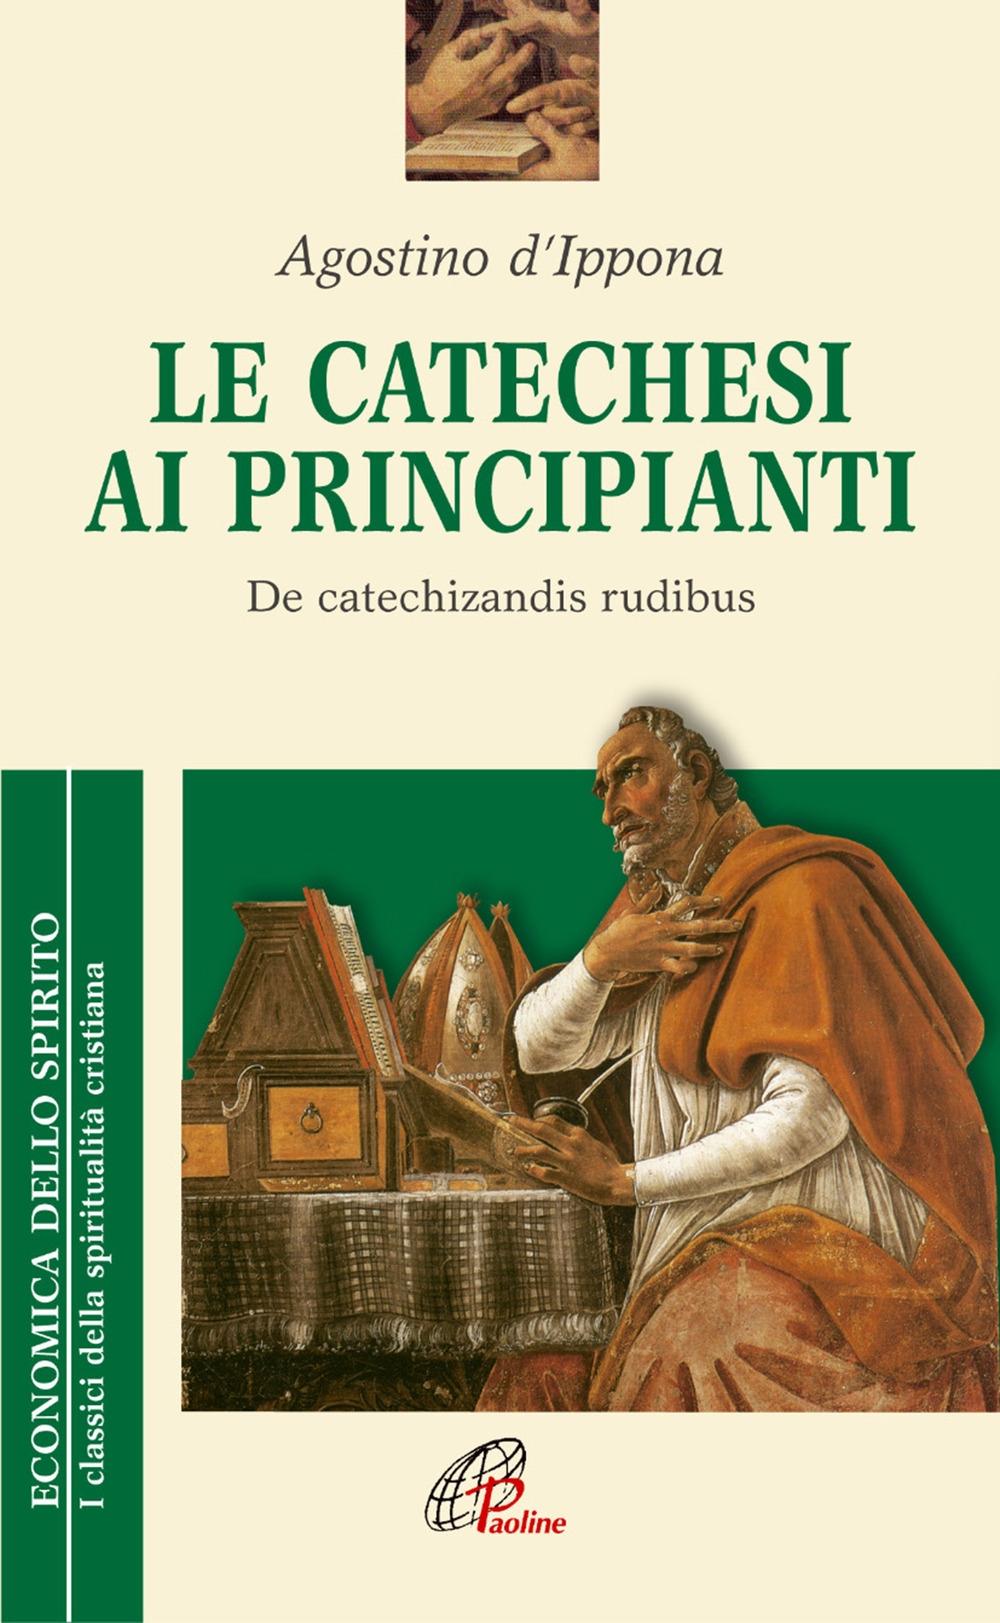 La catechesi ai principianti. De catechizandis rudibus